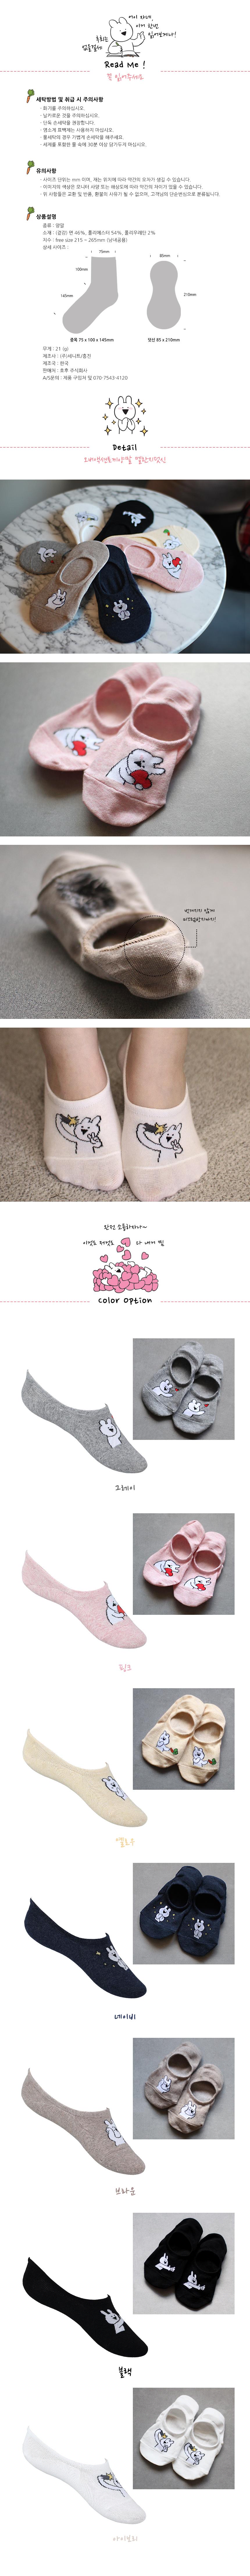 오버액션토끼 양말 여자 남자 멜란지 덧신 - 오버액션토끼, 1,900원, 여성양말, 패션양말